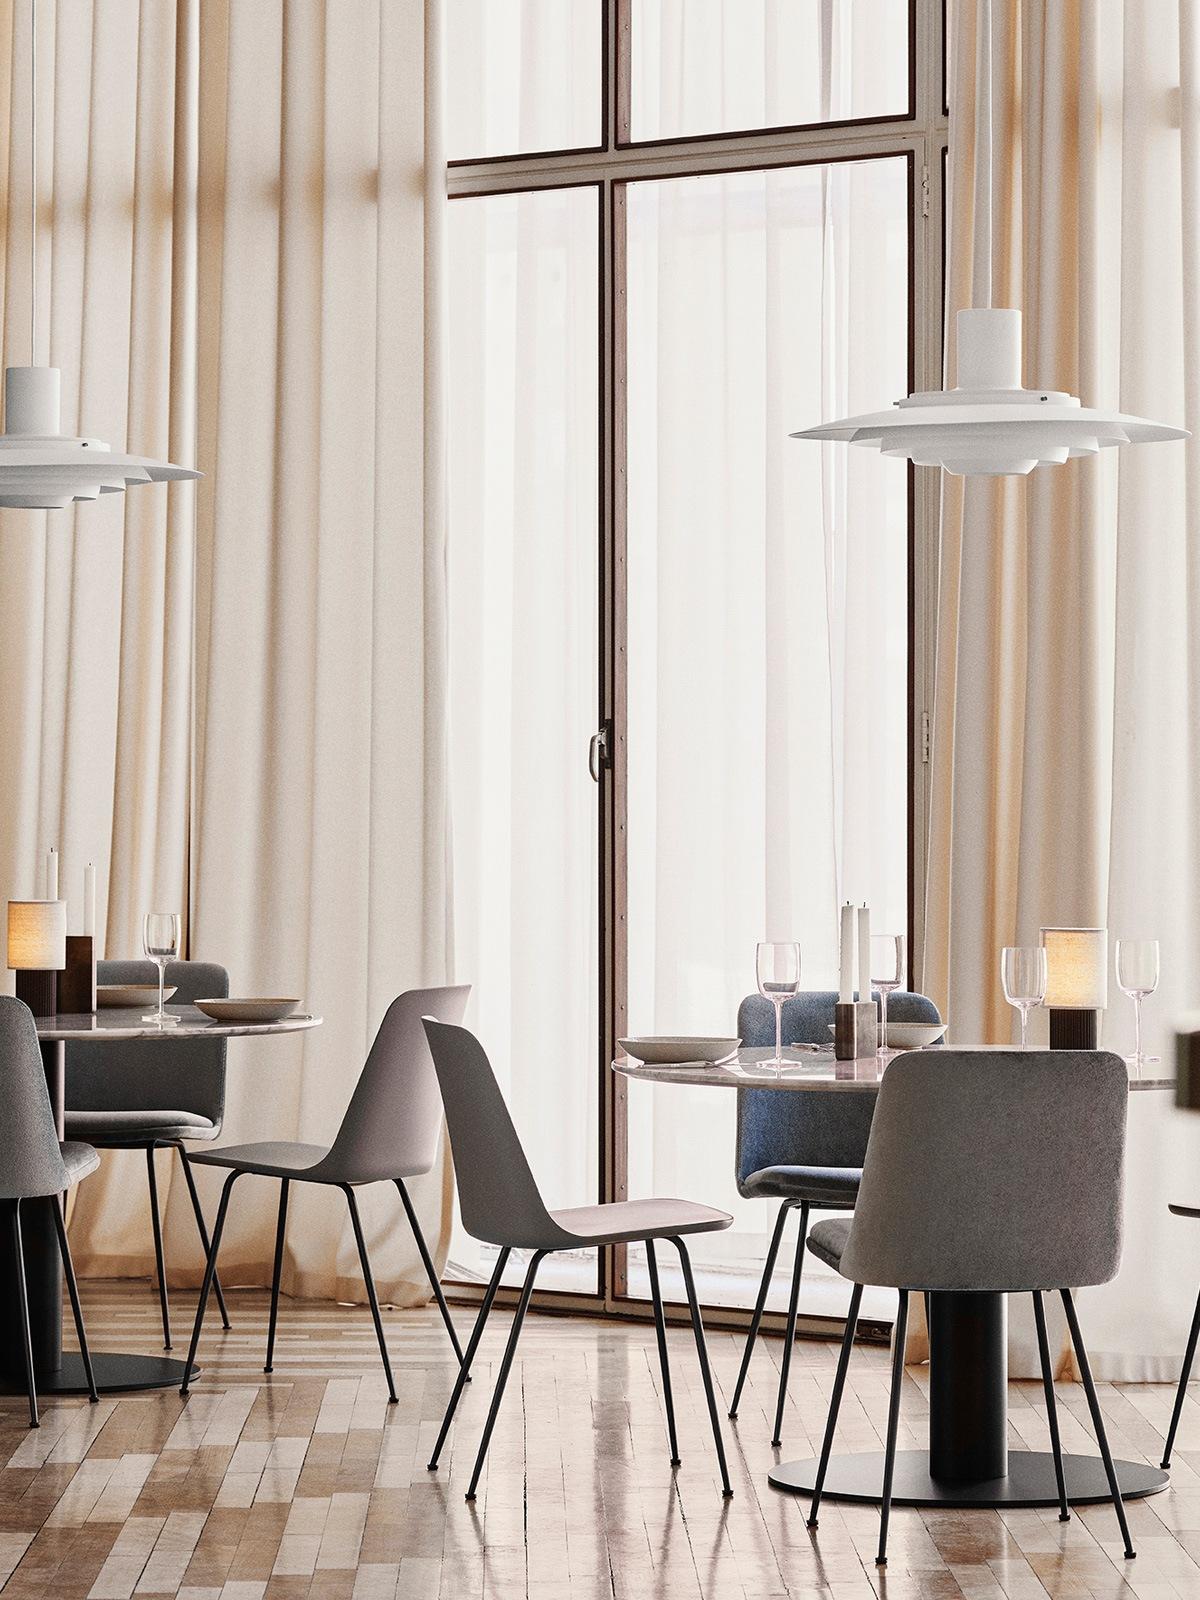 P376 Pendelleuchte &tradition DesignOrt Leuchten Berlin Onlineshop